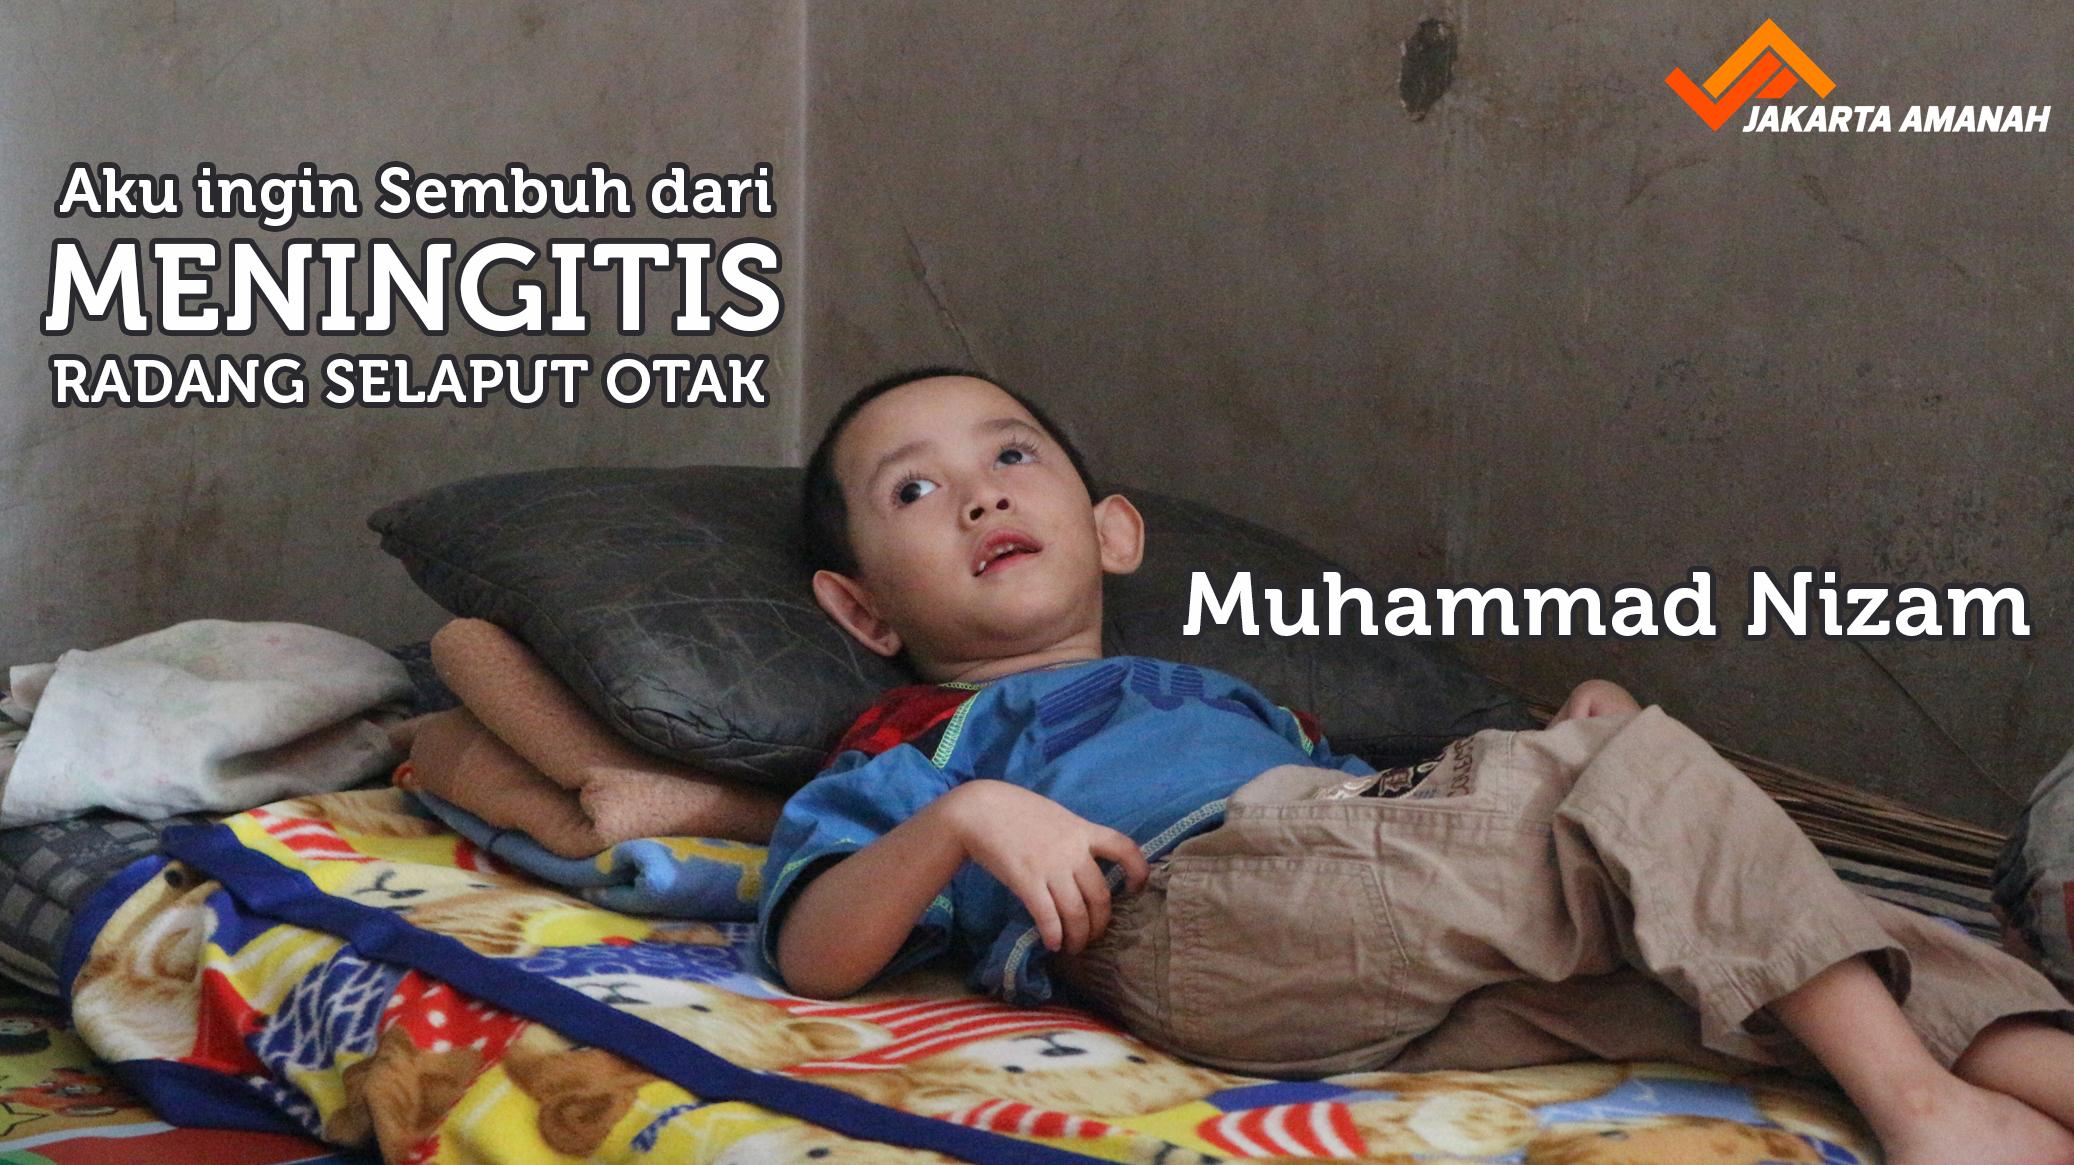 Banner Program Bantu Nizam sembuh dari meningitis                                      title=